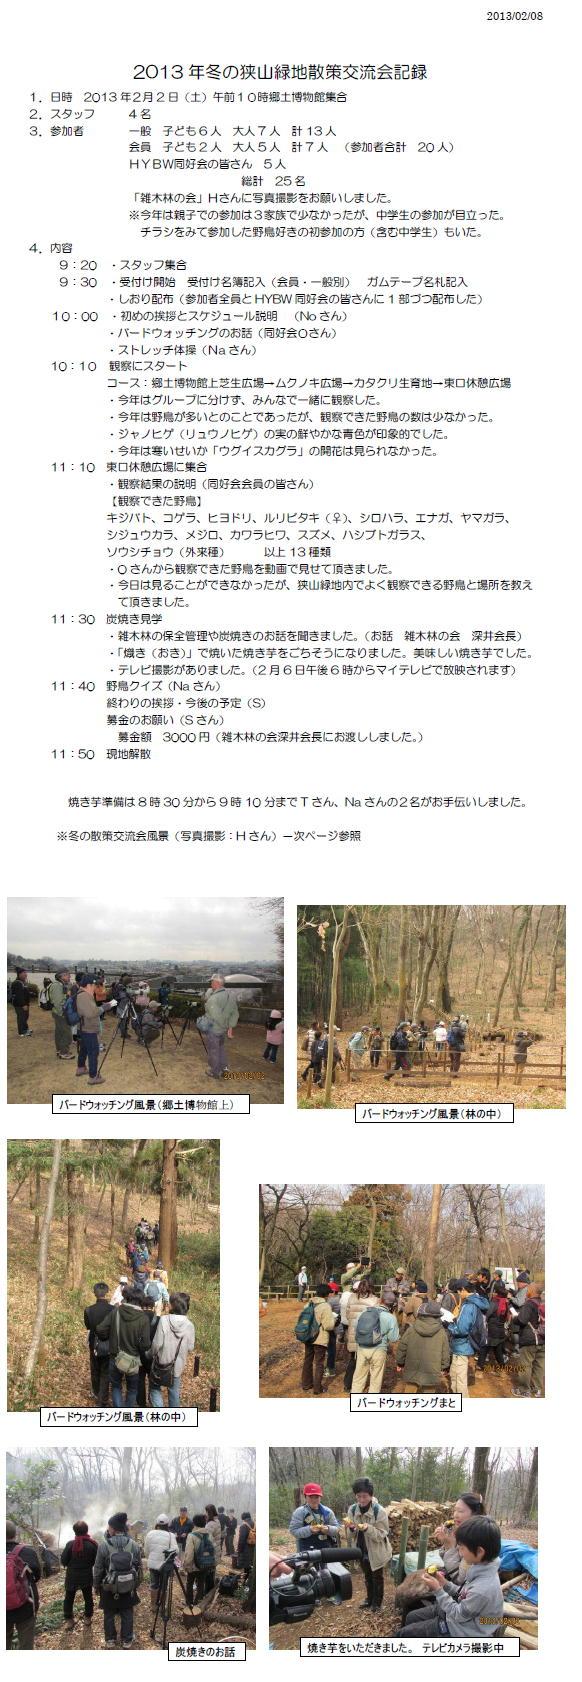 20130209 sansakukouryuukai-houkku